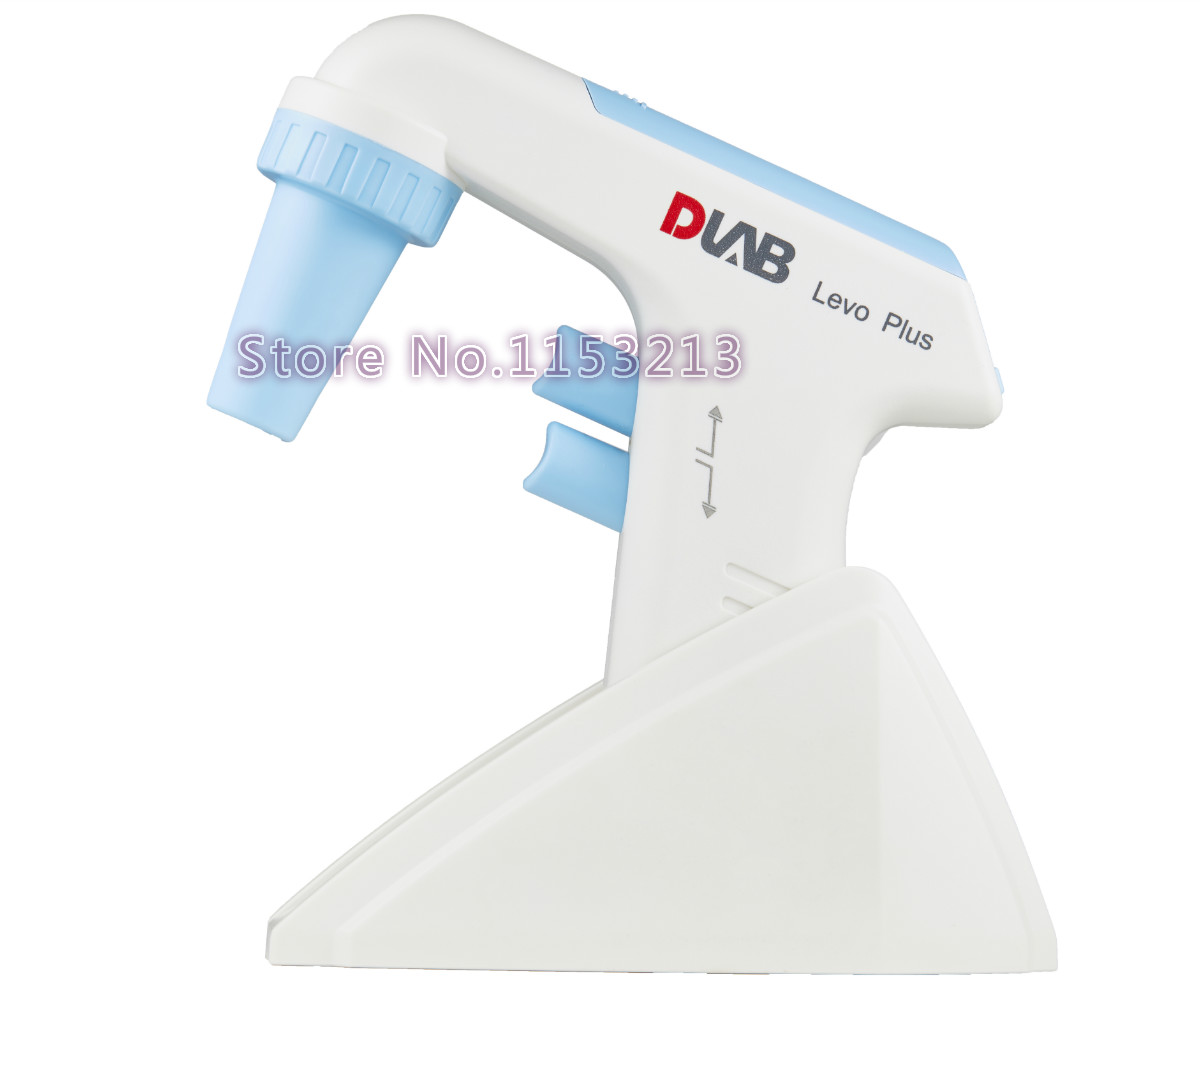 DLab Levo Più Pipetta Filler 0.1-100 ml Drago lab Grande capacità elettronica pipetta pompa pipetta controller con AC adattatore